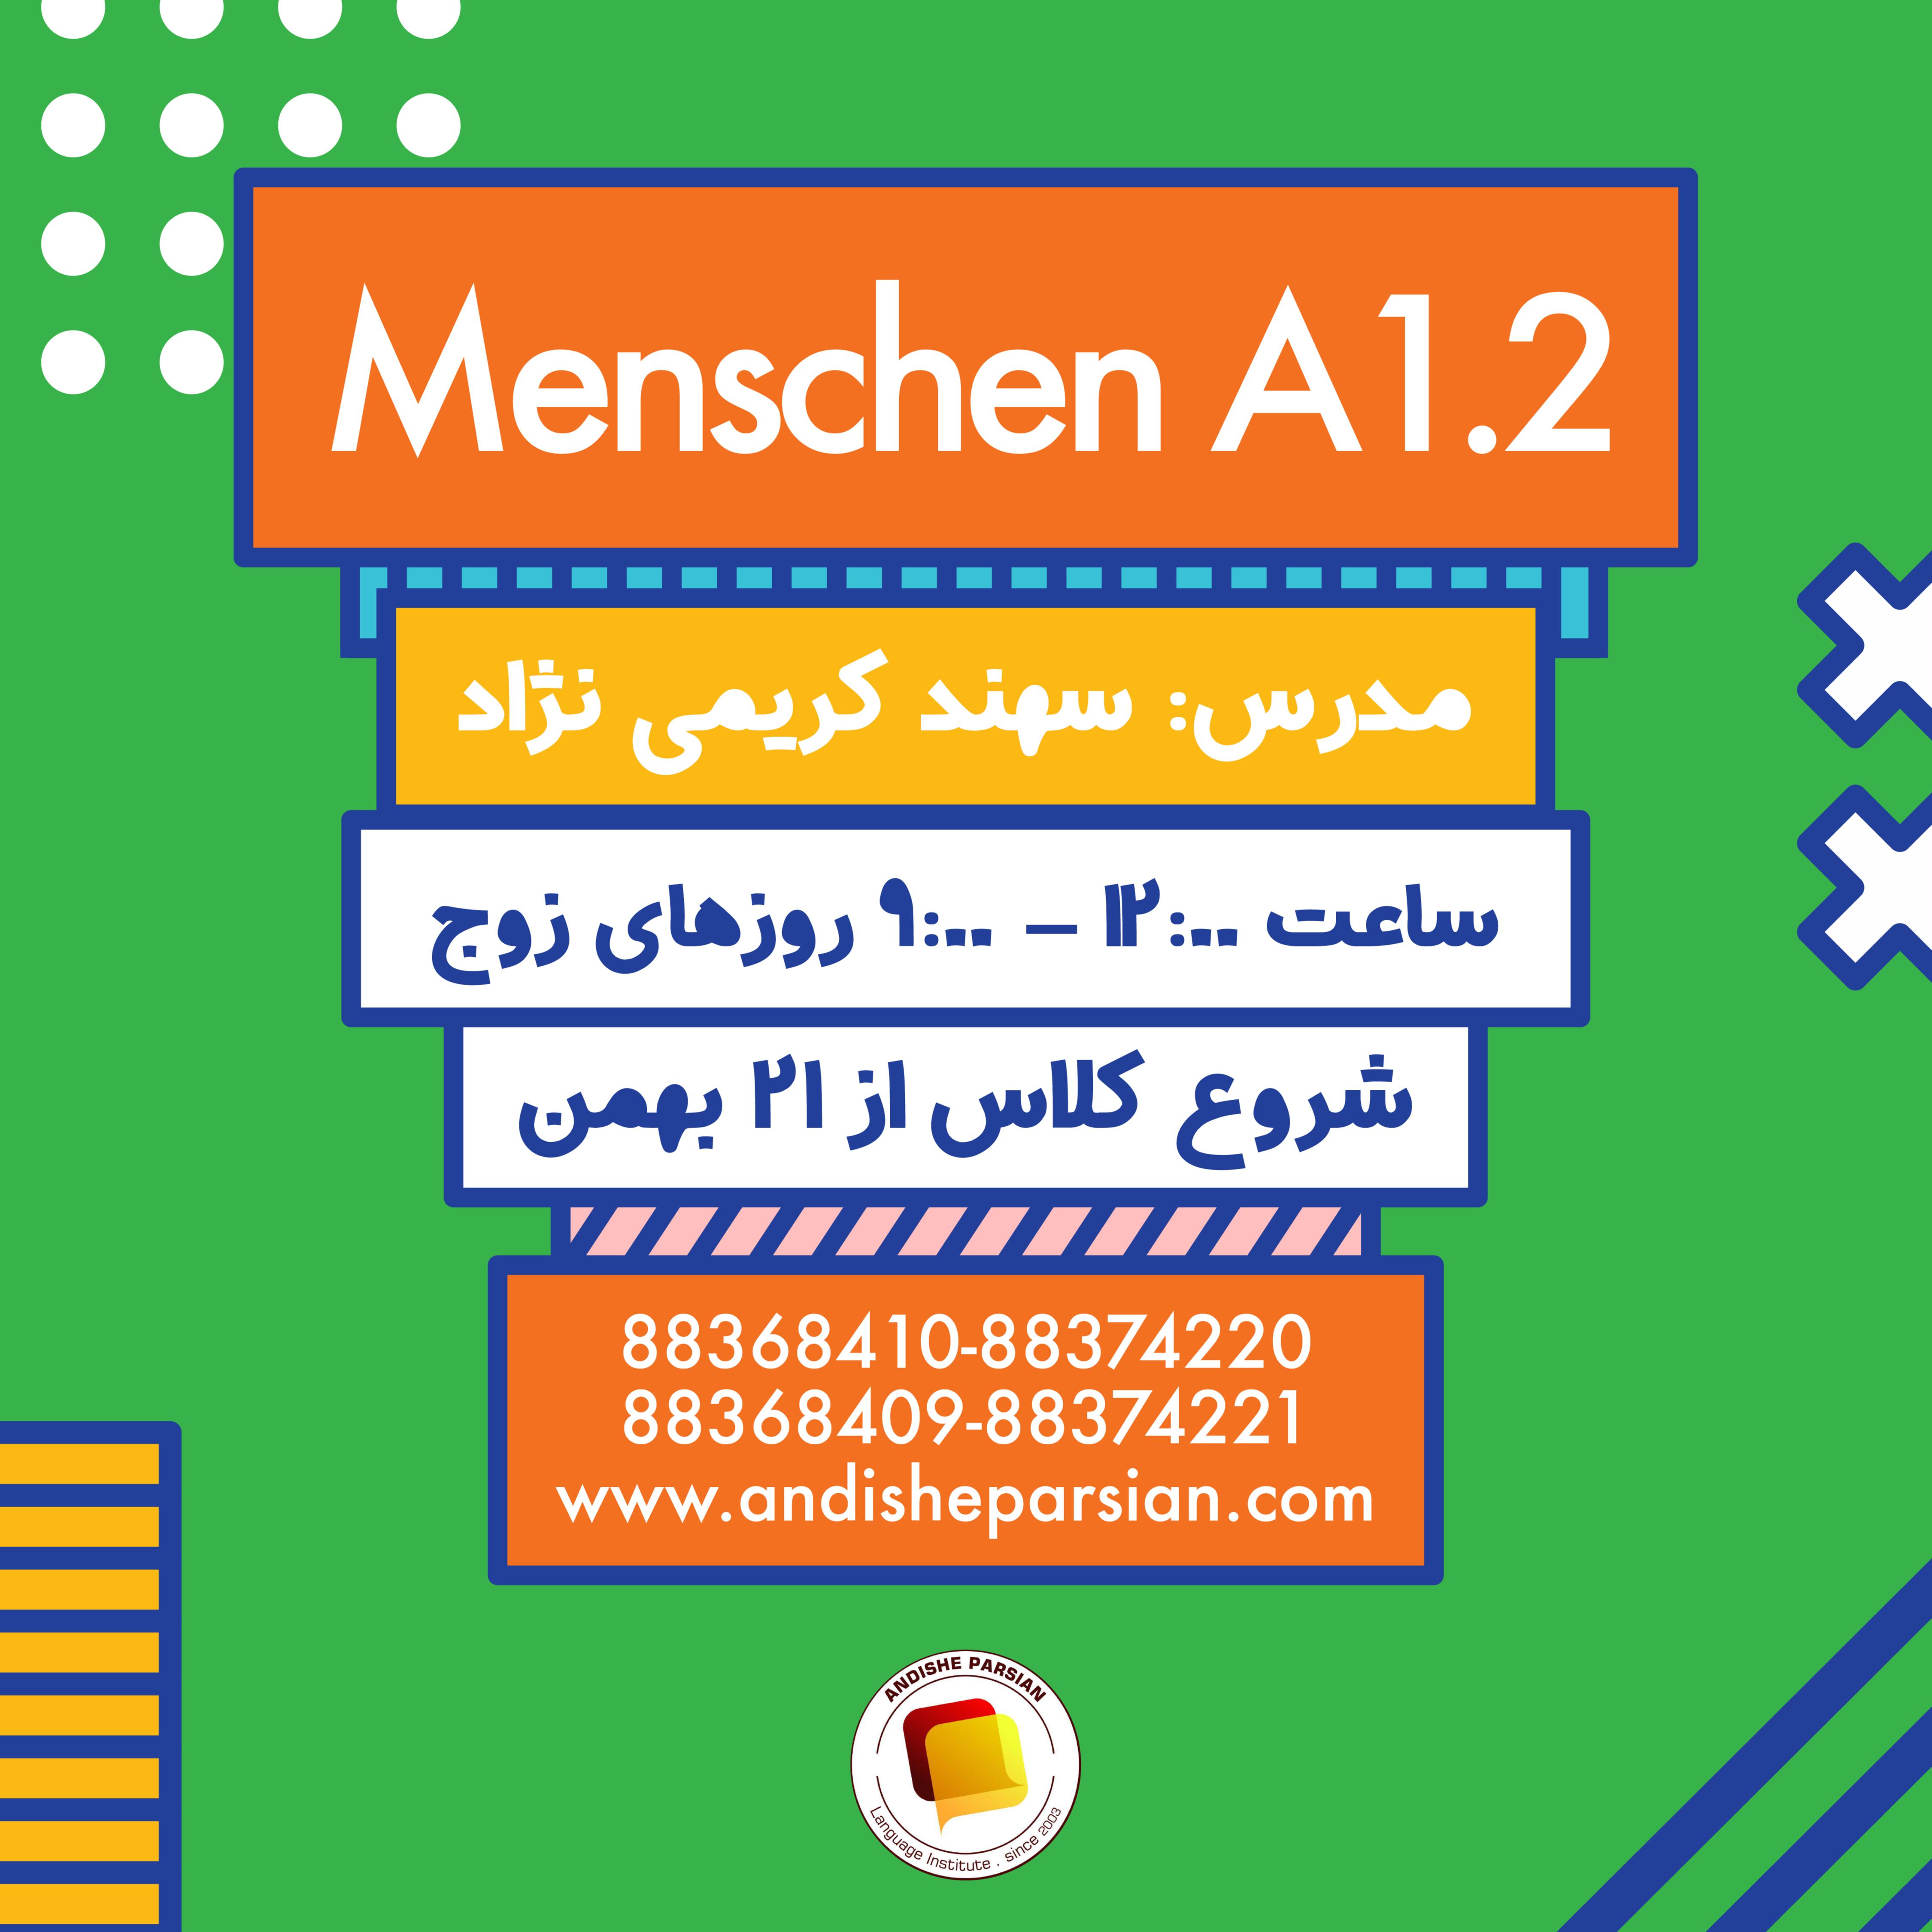 شروع کلاس آموزش زبان آلمانی سطح A1.2 از ۲۱ بهمن ۱۳۹۹